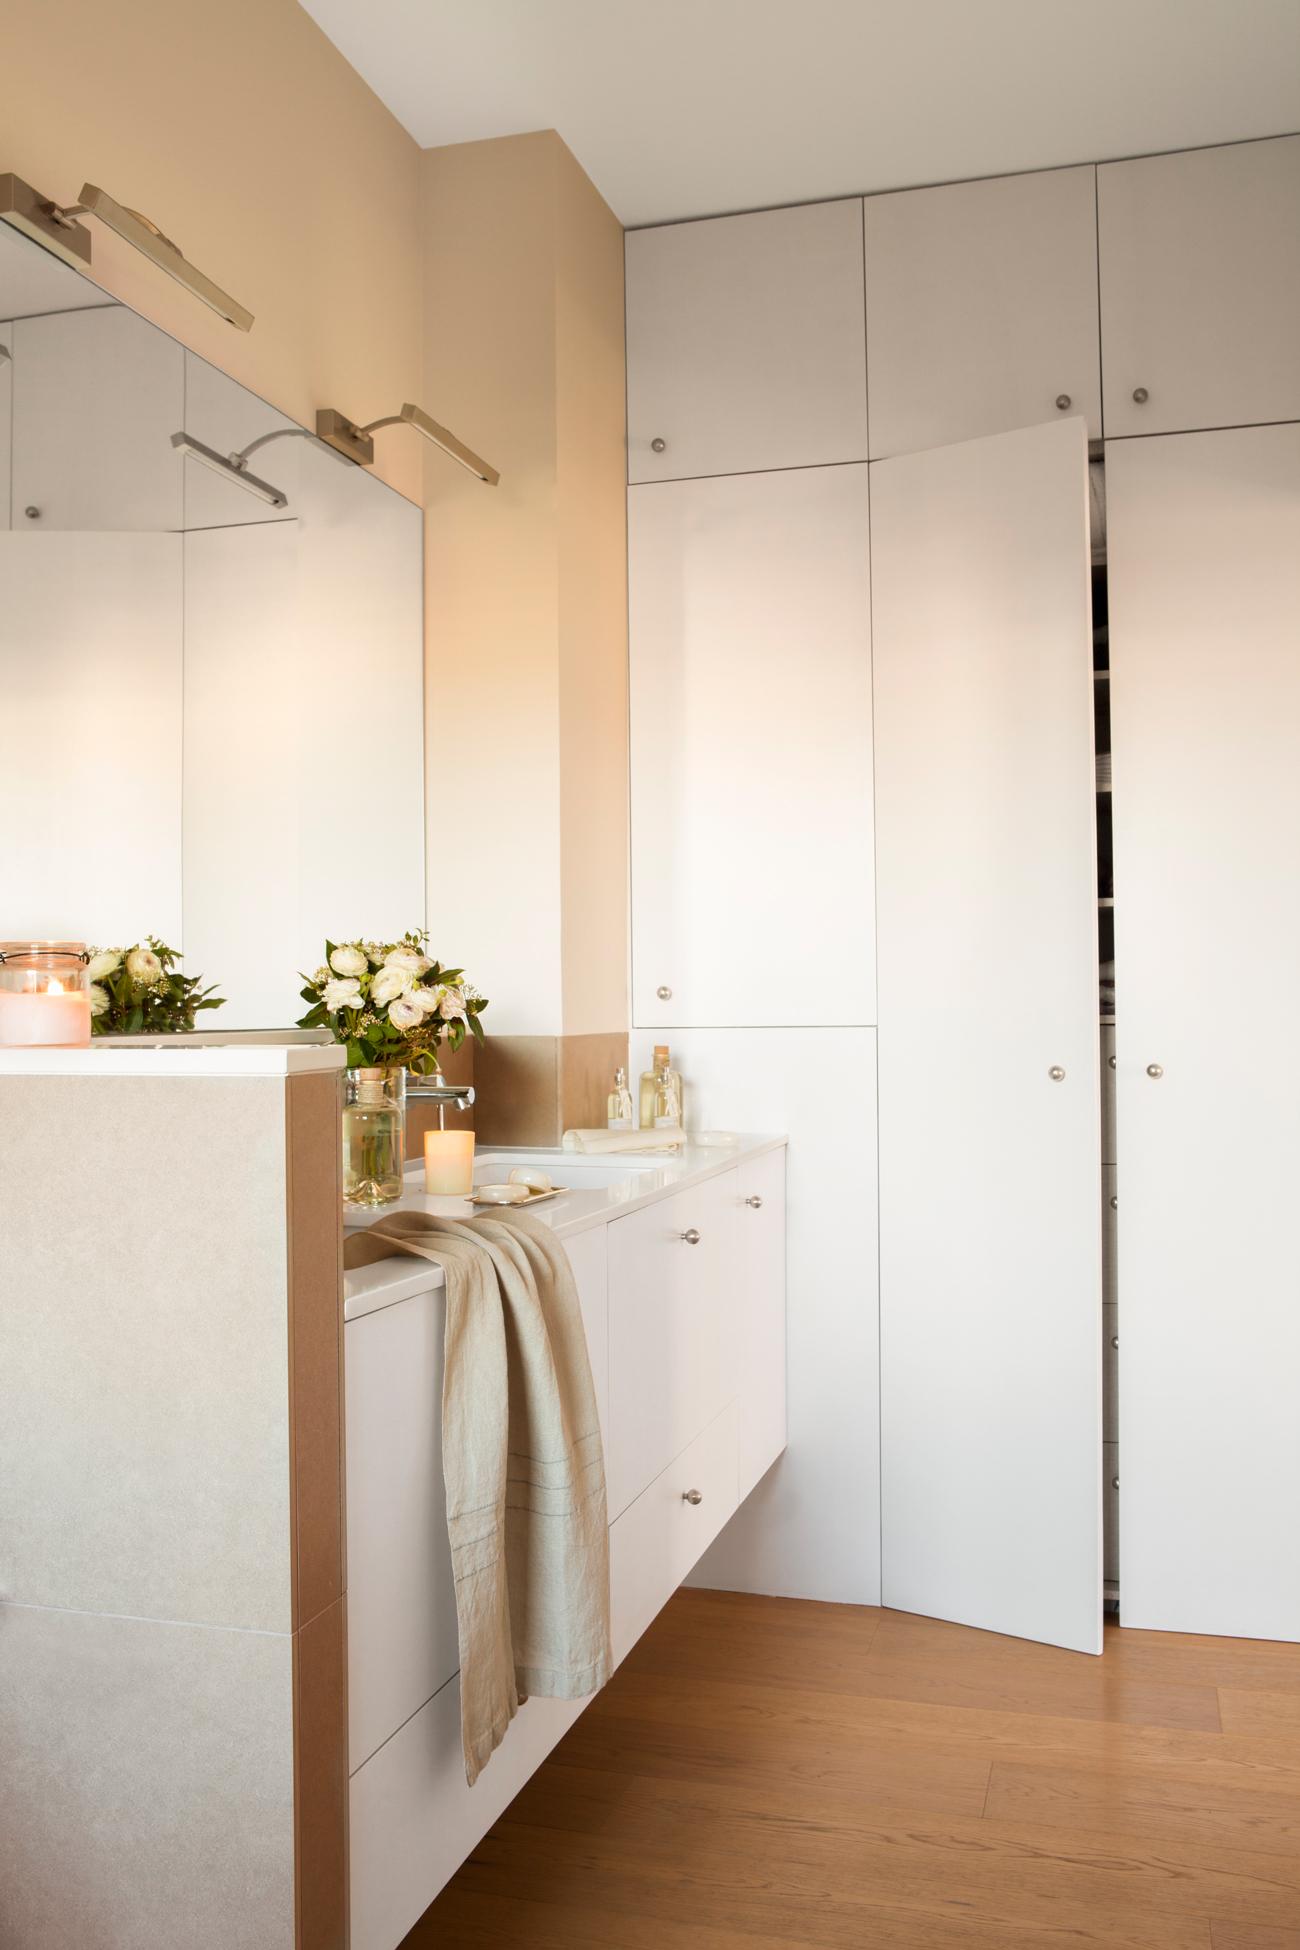 Armarios roperos armarios de cocina y armarios de ba o - Armarios para el bano ...